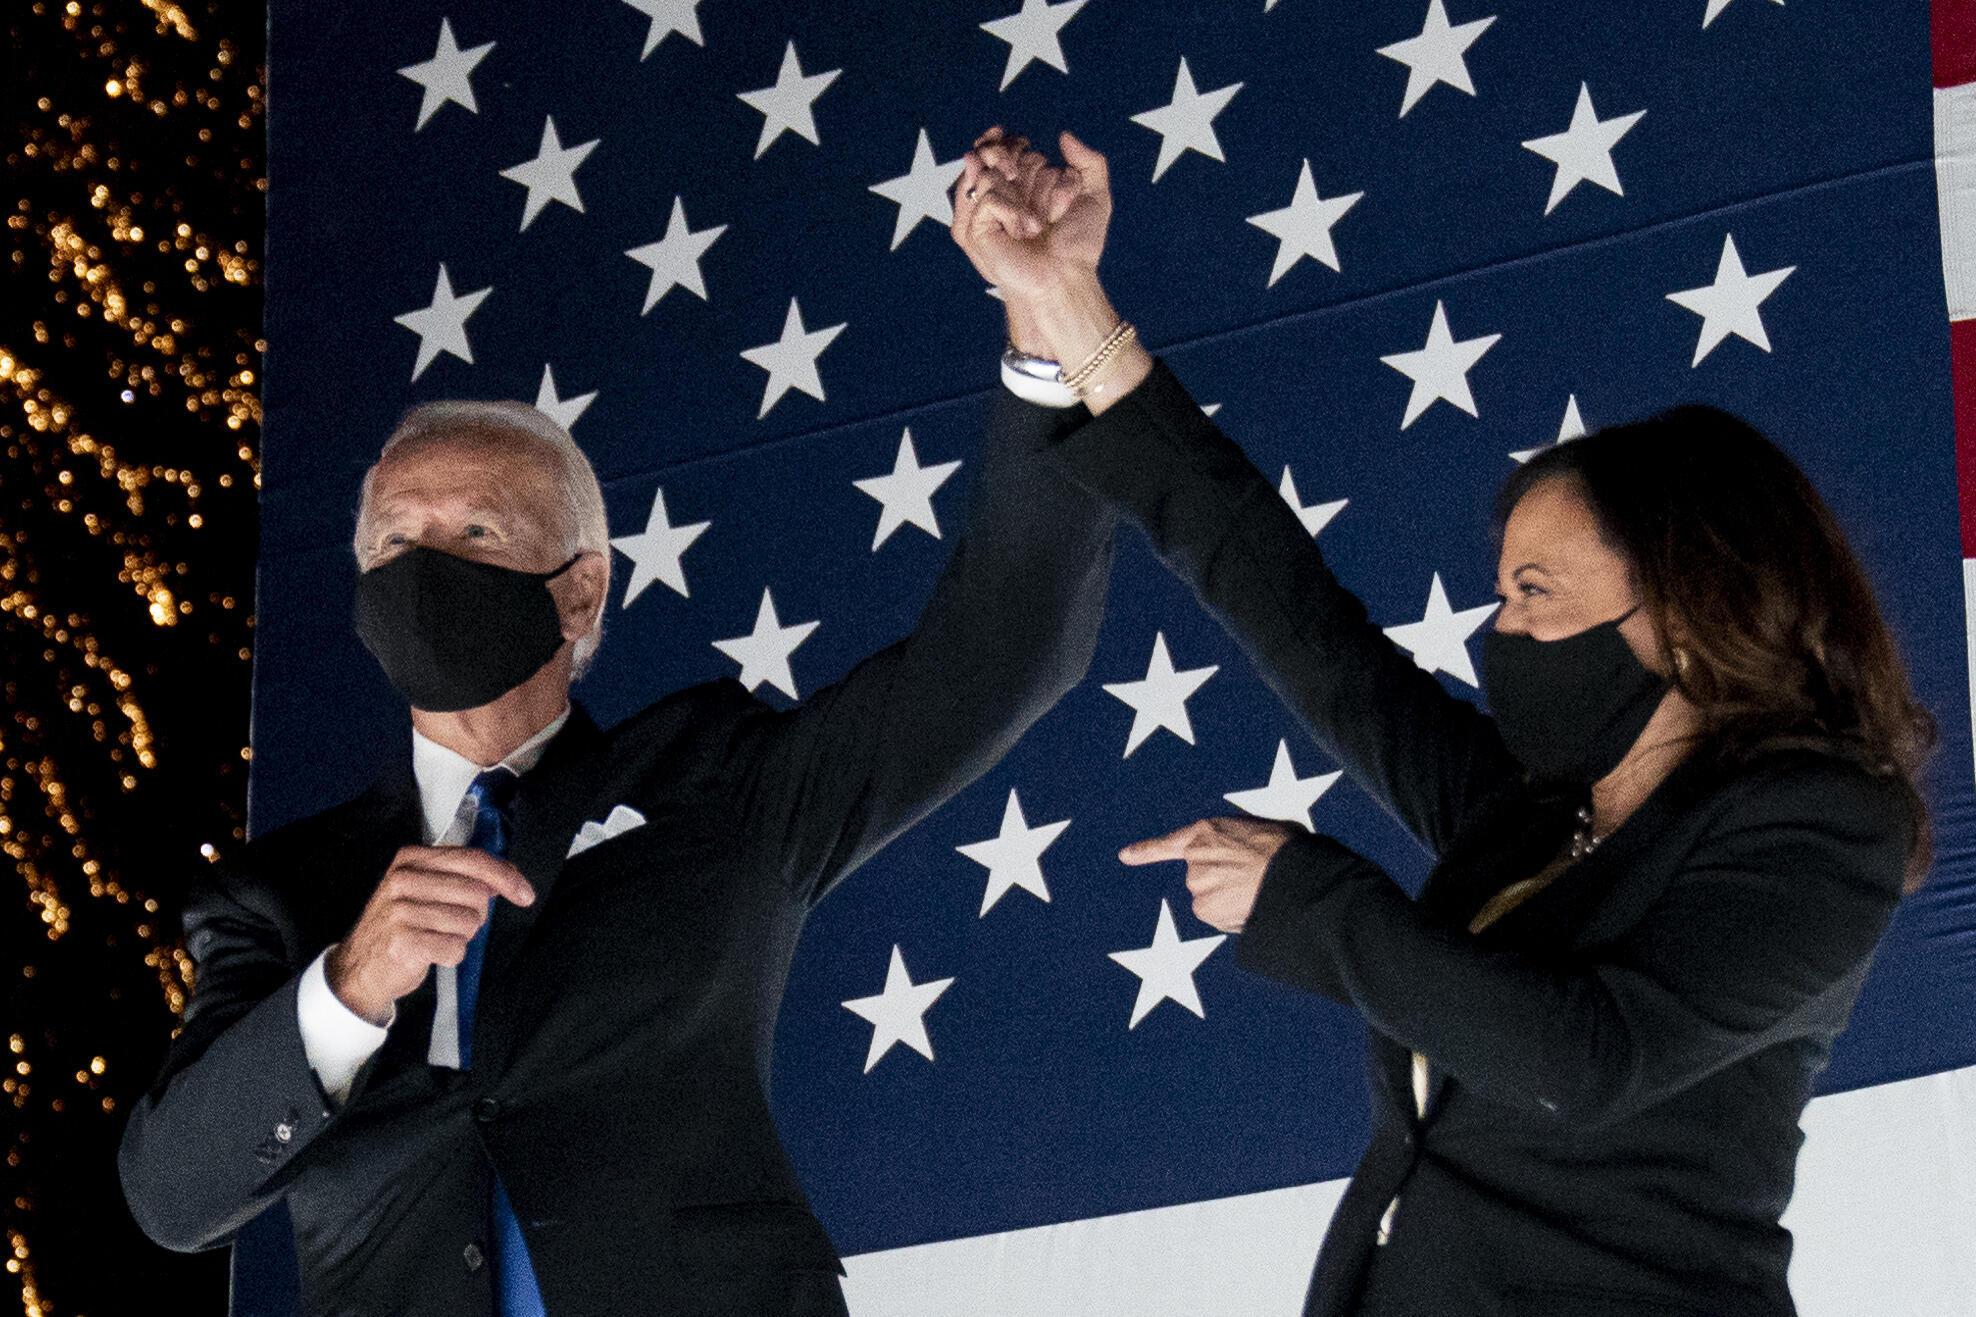 Le candidat démocrate à la présidentielle, l'ancien vice-président Joe Biden et son vice-président, le sénateur Kamala Harris, lors de la quatrième journée de la Convention nationale démocrate, le jeudi 20 août.